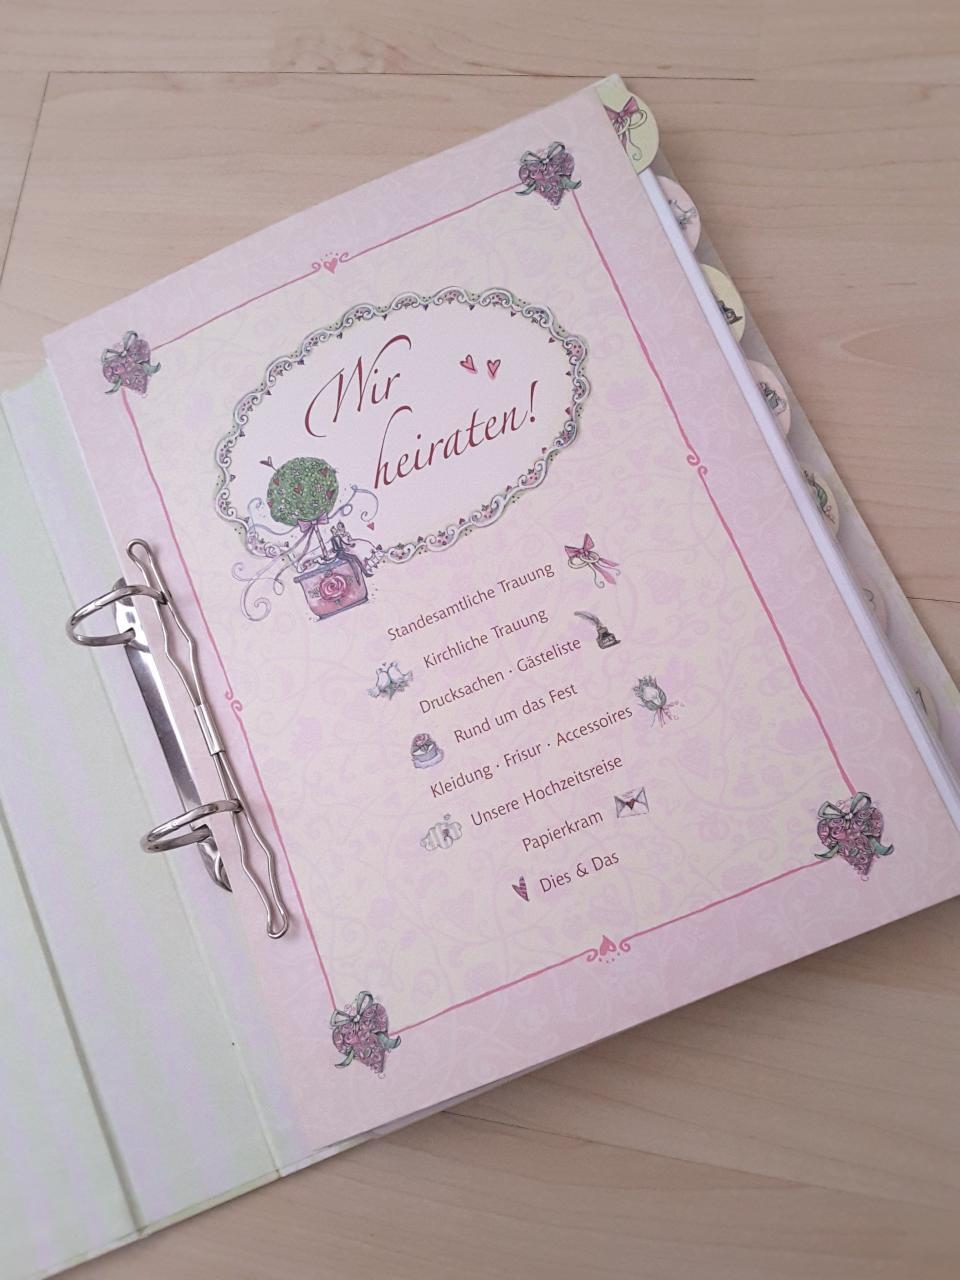 Einladung Goldene Hochzeit Spruch Einladungskarten Goldene Hochzeit Kostenloser Download Media Image